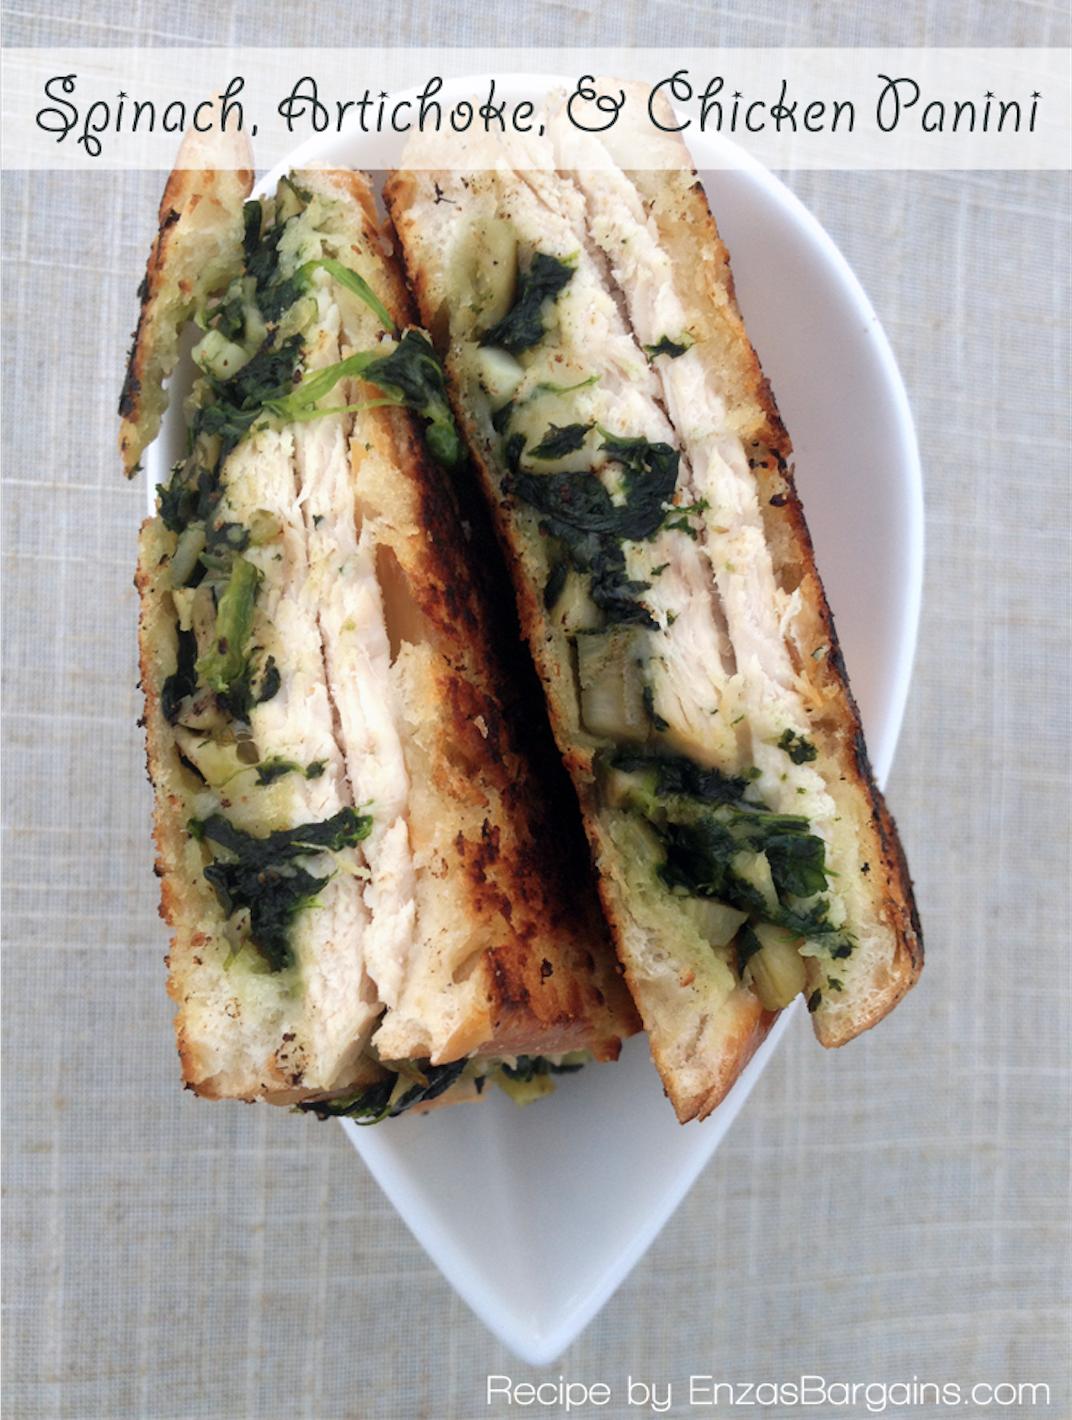 Spinach, Artichoke, & Chicken Panini Recipe Panini